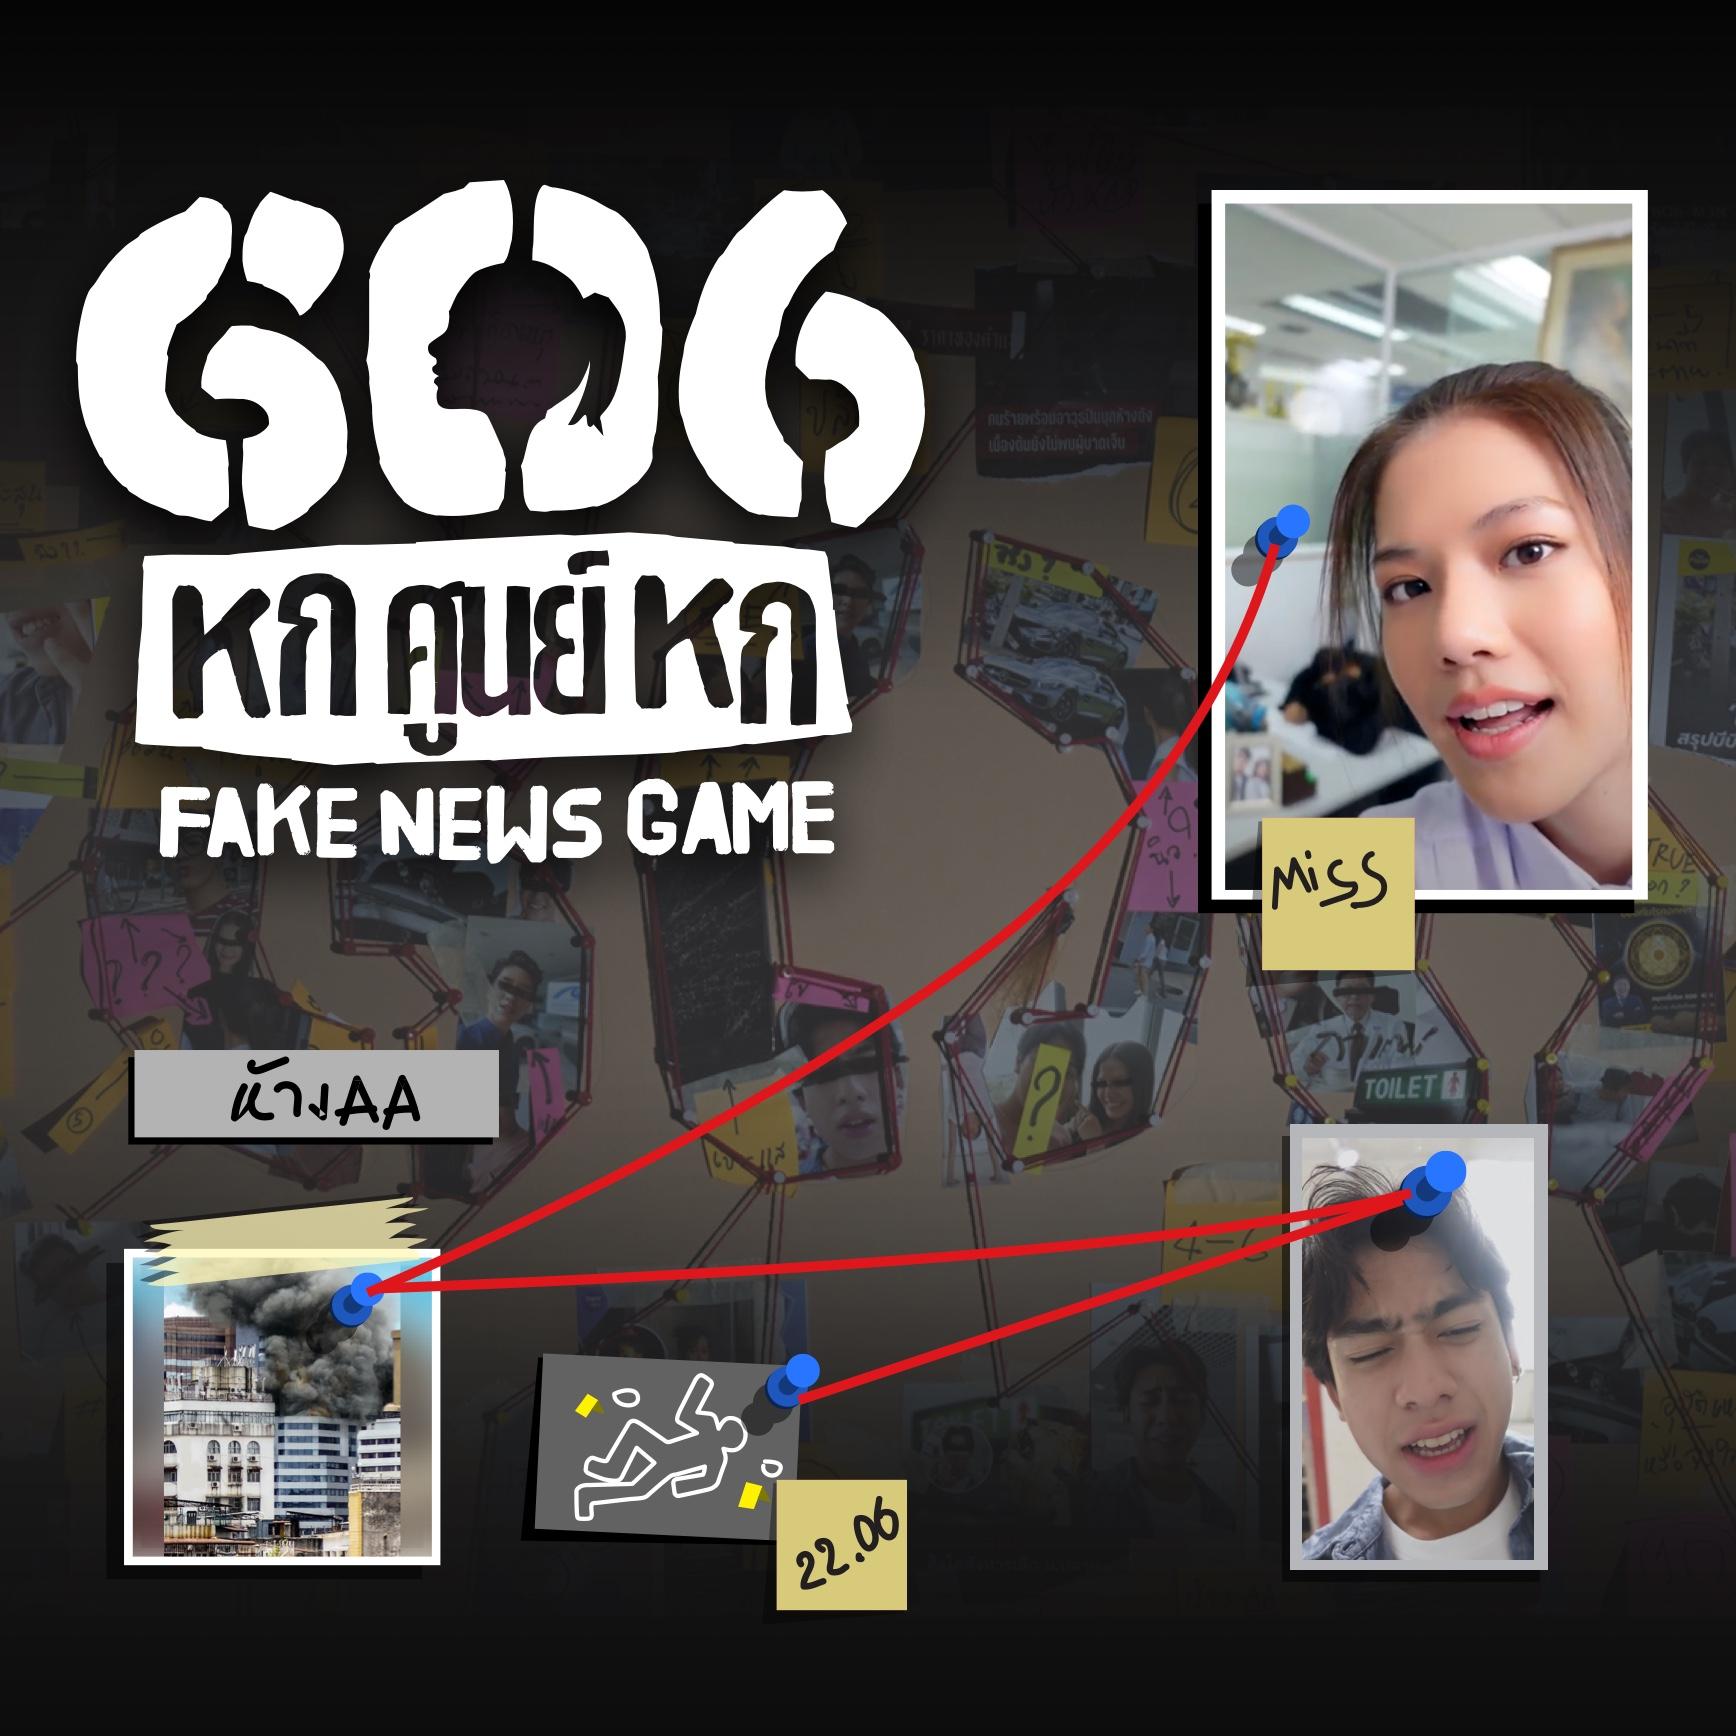 606 Fake News Game